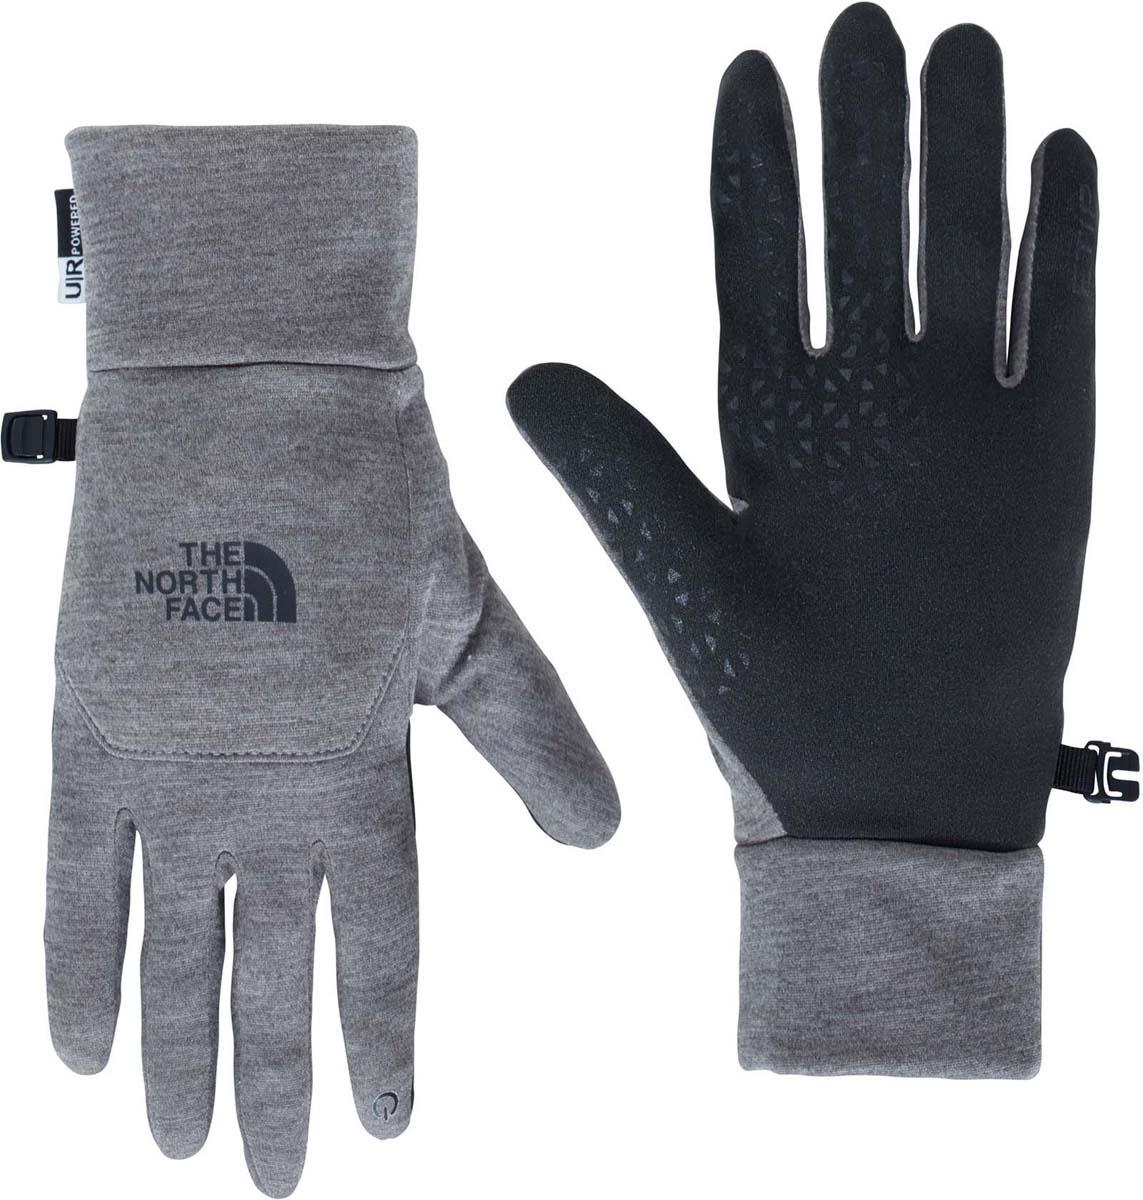 Перчатки The North Face Etip Glove, цвет: серый, черный. T0A7LNJBV. Размер XL (8,5)T0A7LNJBVThe North Face Etip Glove - универсальные перчатки с возможностью работы с тачскрином. Тянущаяся в четырёх направлениях эластичная ткань обеспечивает естественное положение кисти и чувствительность. Силиконовые накладки на ладонях для наилучшего сцепления с лыжными палками, рулем велосипеда или ледорубом. Технология U|R проводит импульс, позволяя работать с экраном смартфона всеми пятью пальцами.